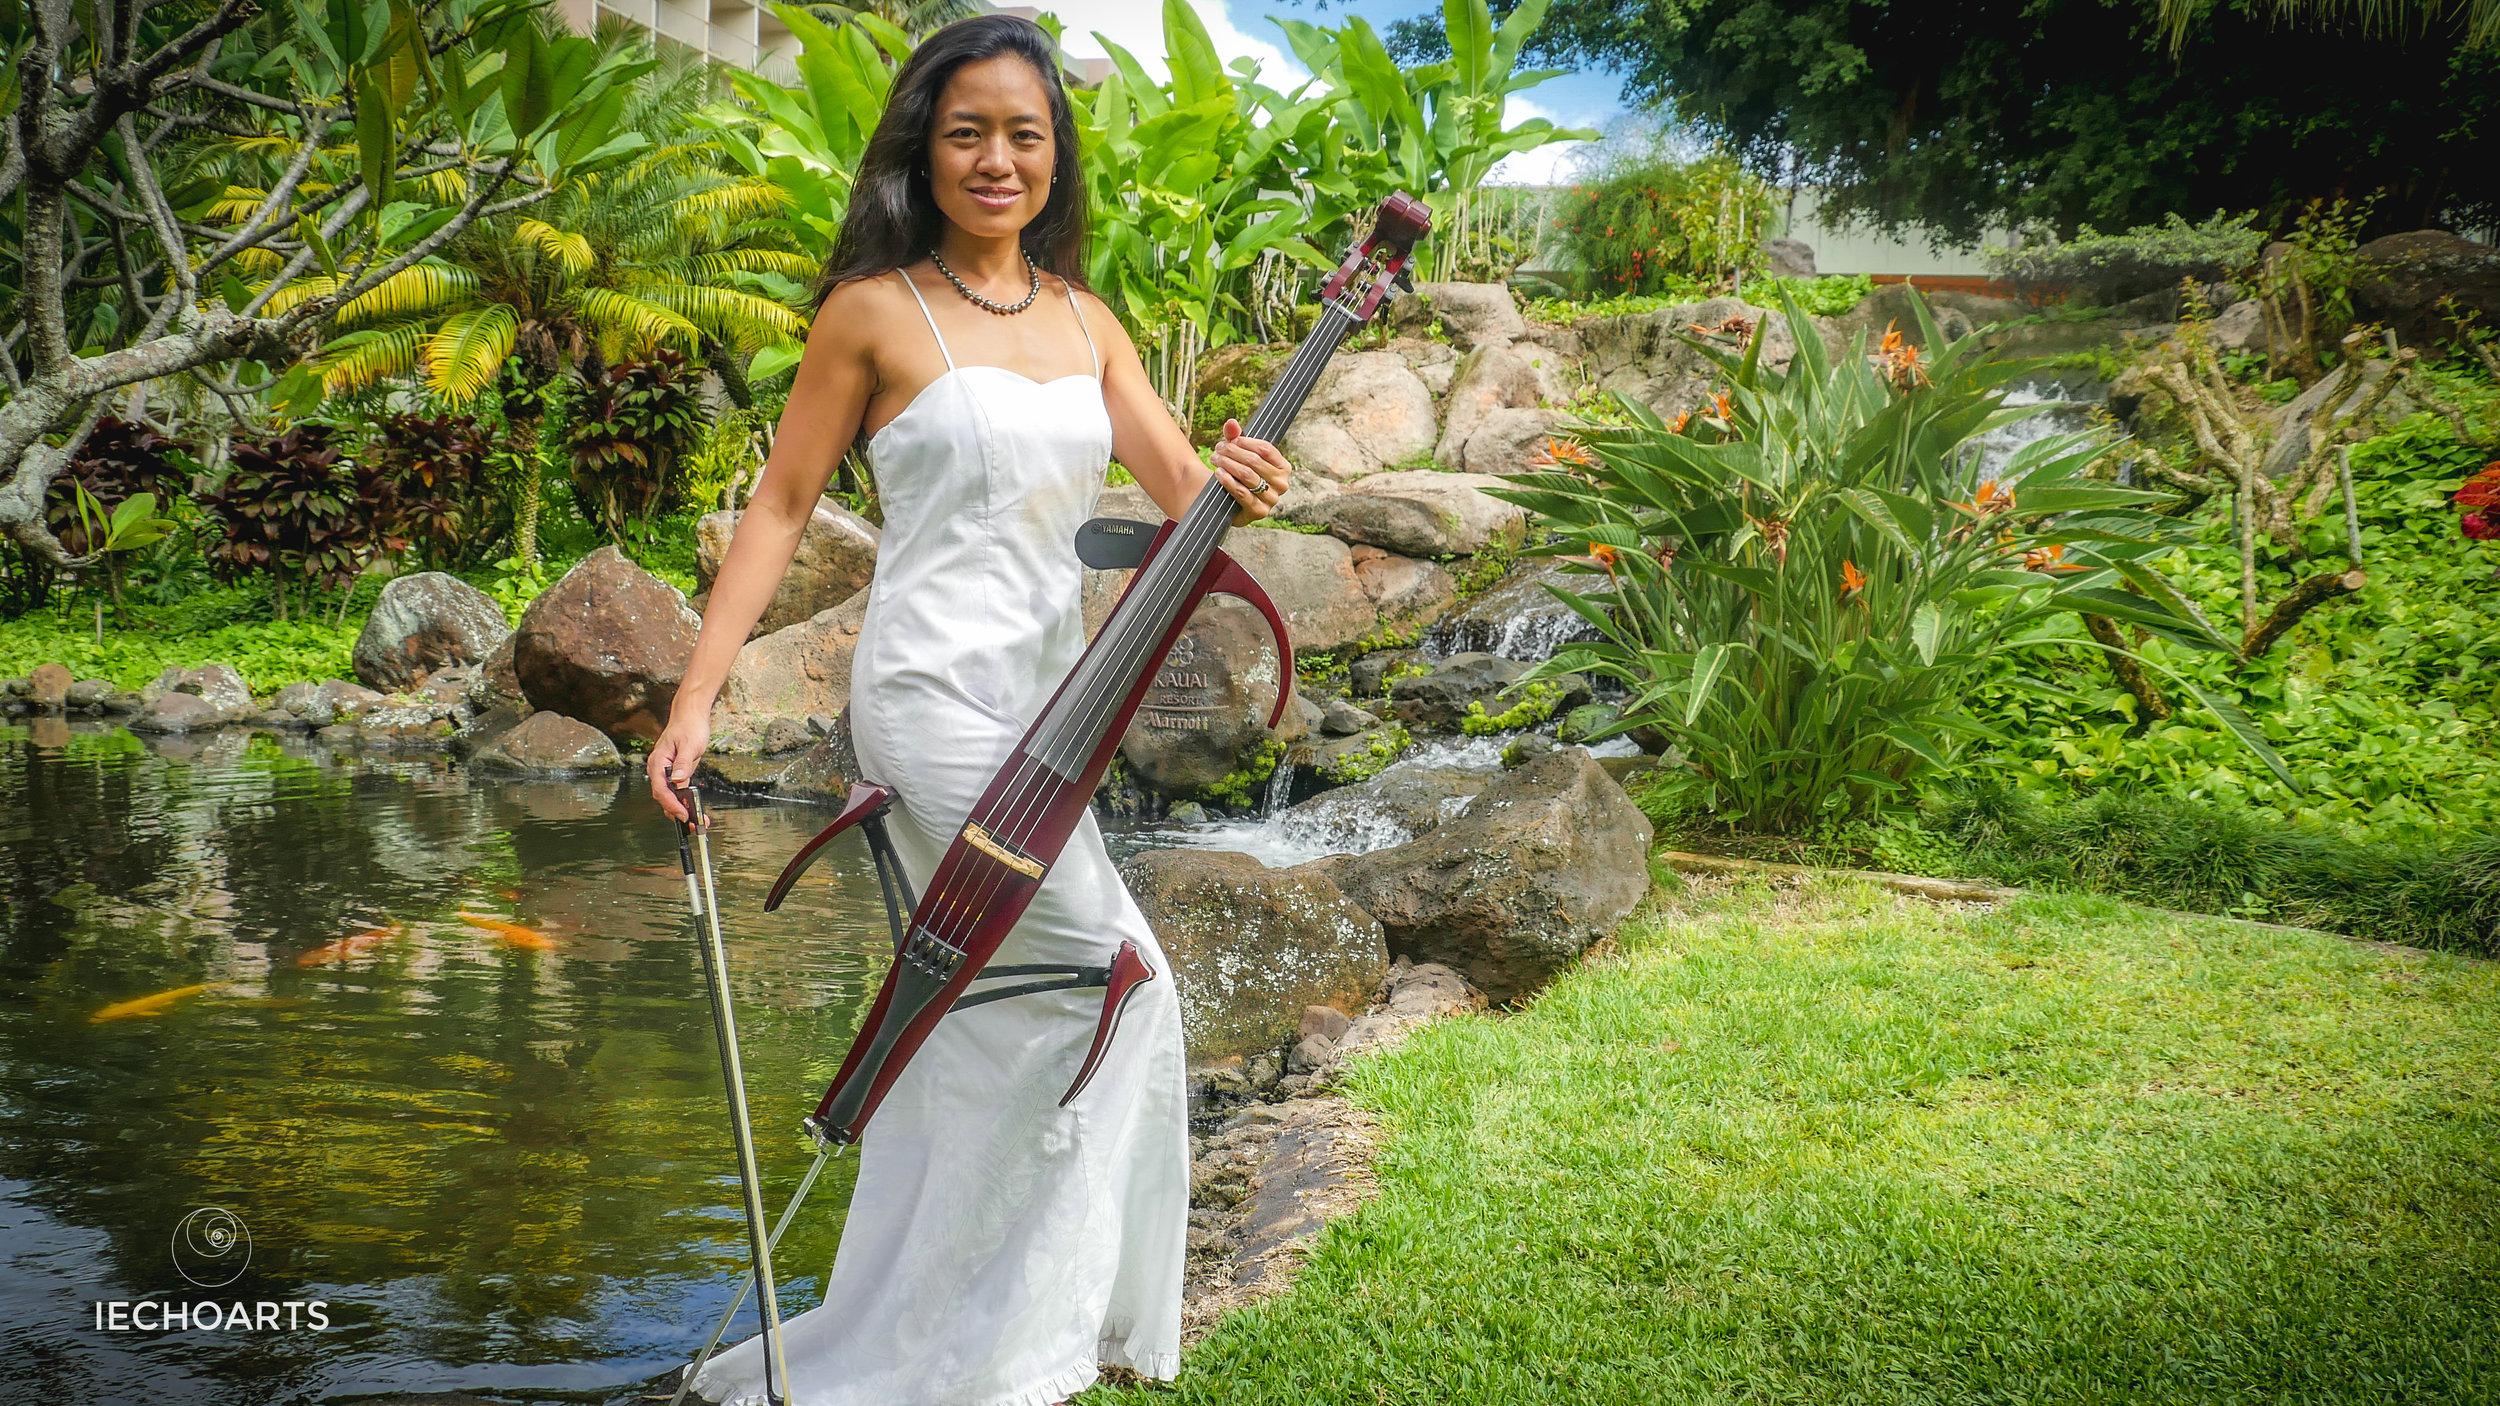 IEcho Arts wedding-1000644.jpg